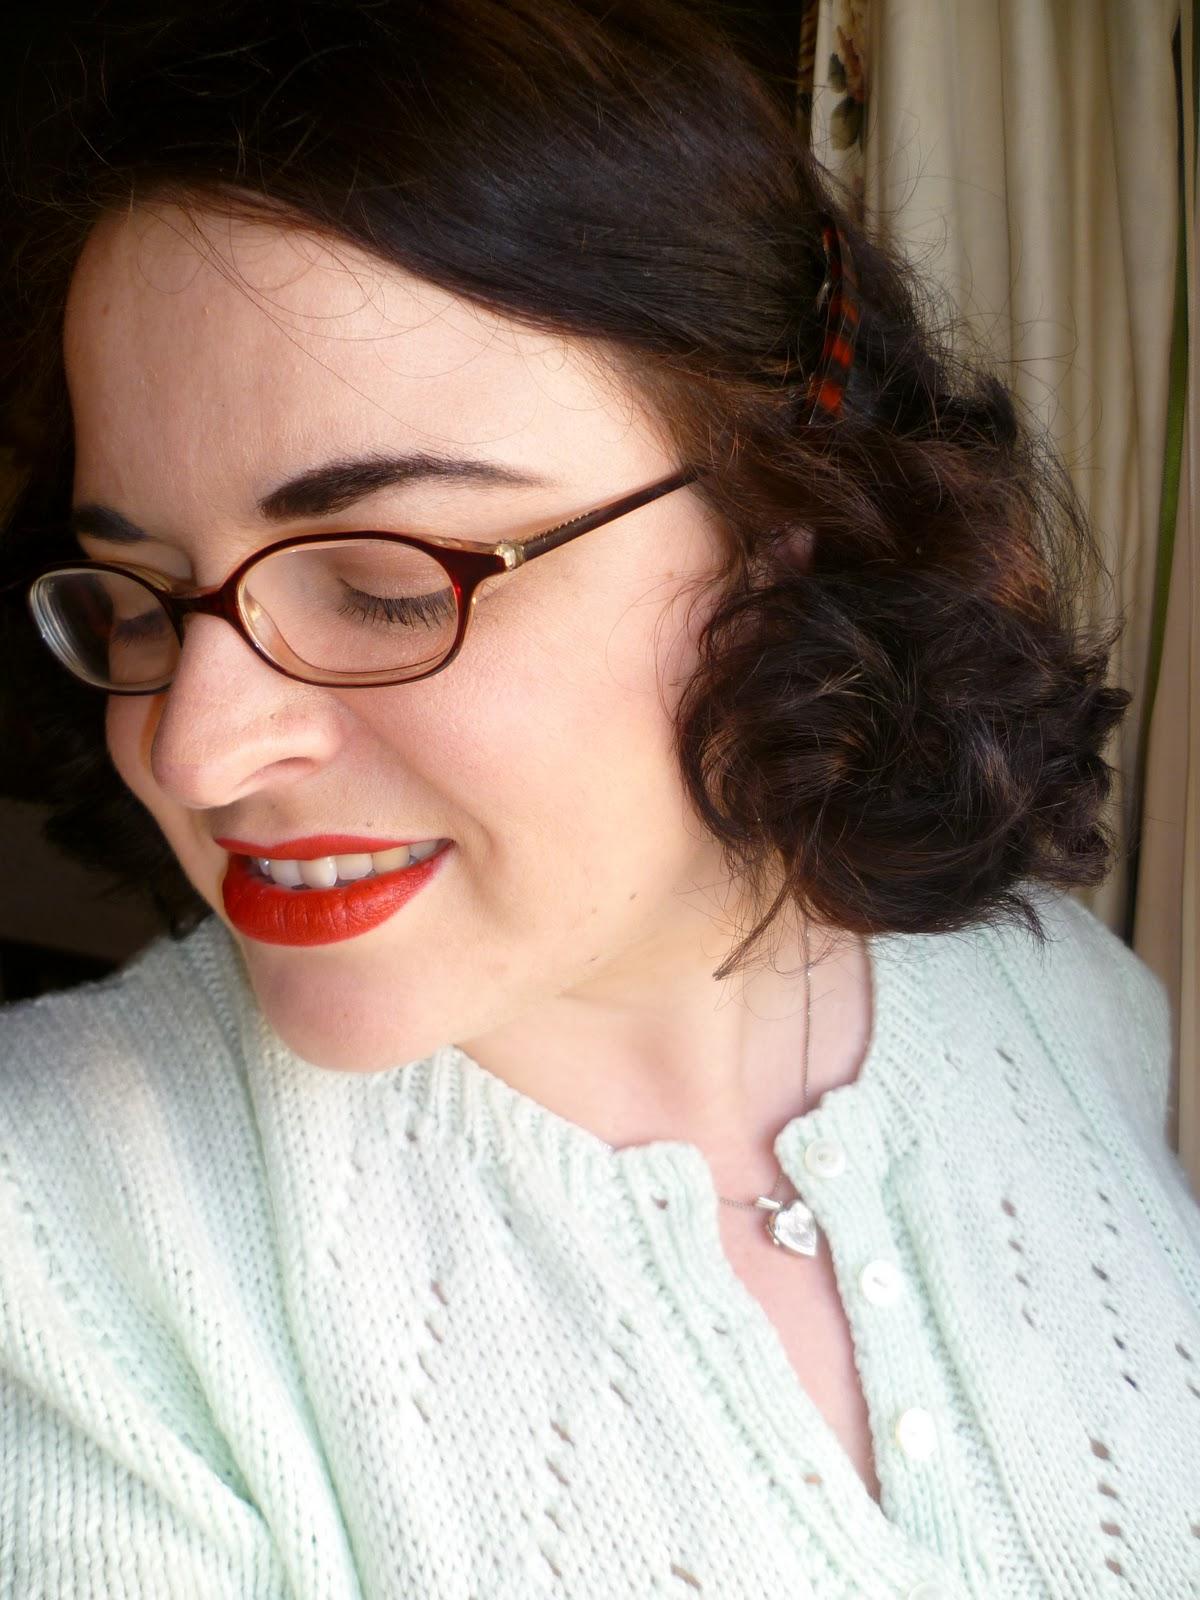 http://4.bp.blogspot.com/-H0X3vr7QlOs/TwjGEUX-GzI/AAAAAAAACE4/DbuFzSTbEak/s1600/hairshort%2B057.JPG